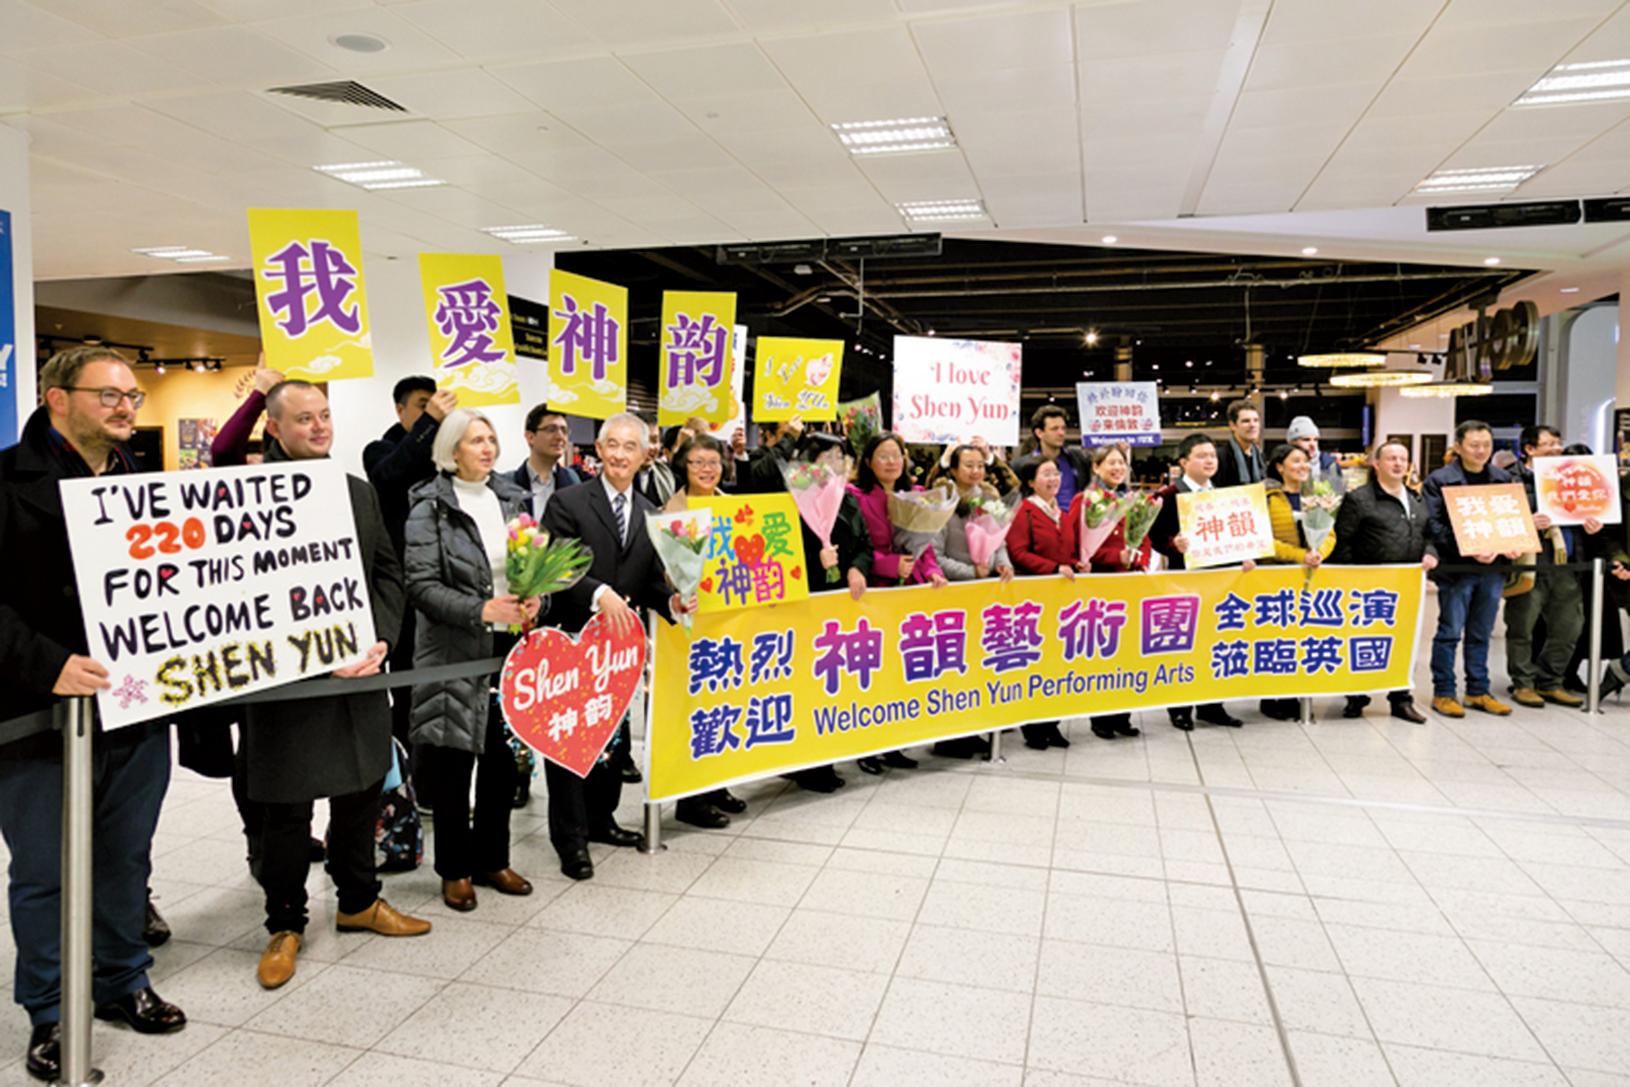 1月7日凌晨,熱盼神韻的英國粉絲們在倫敦機場手舉橫幅,歡呼著「歡迎神韻!我愛神韻!」迎來世界第一秀。(羅元/大紀元)